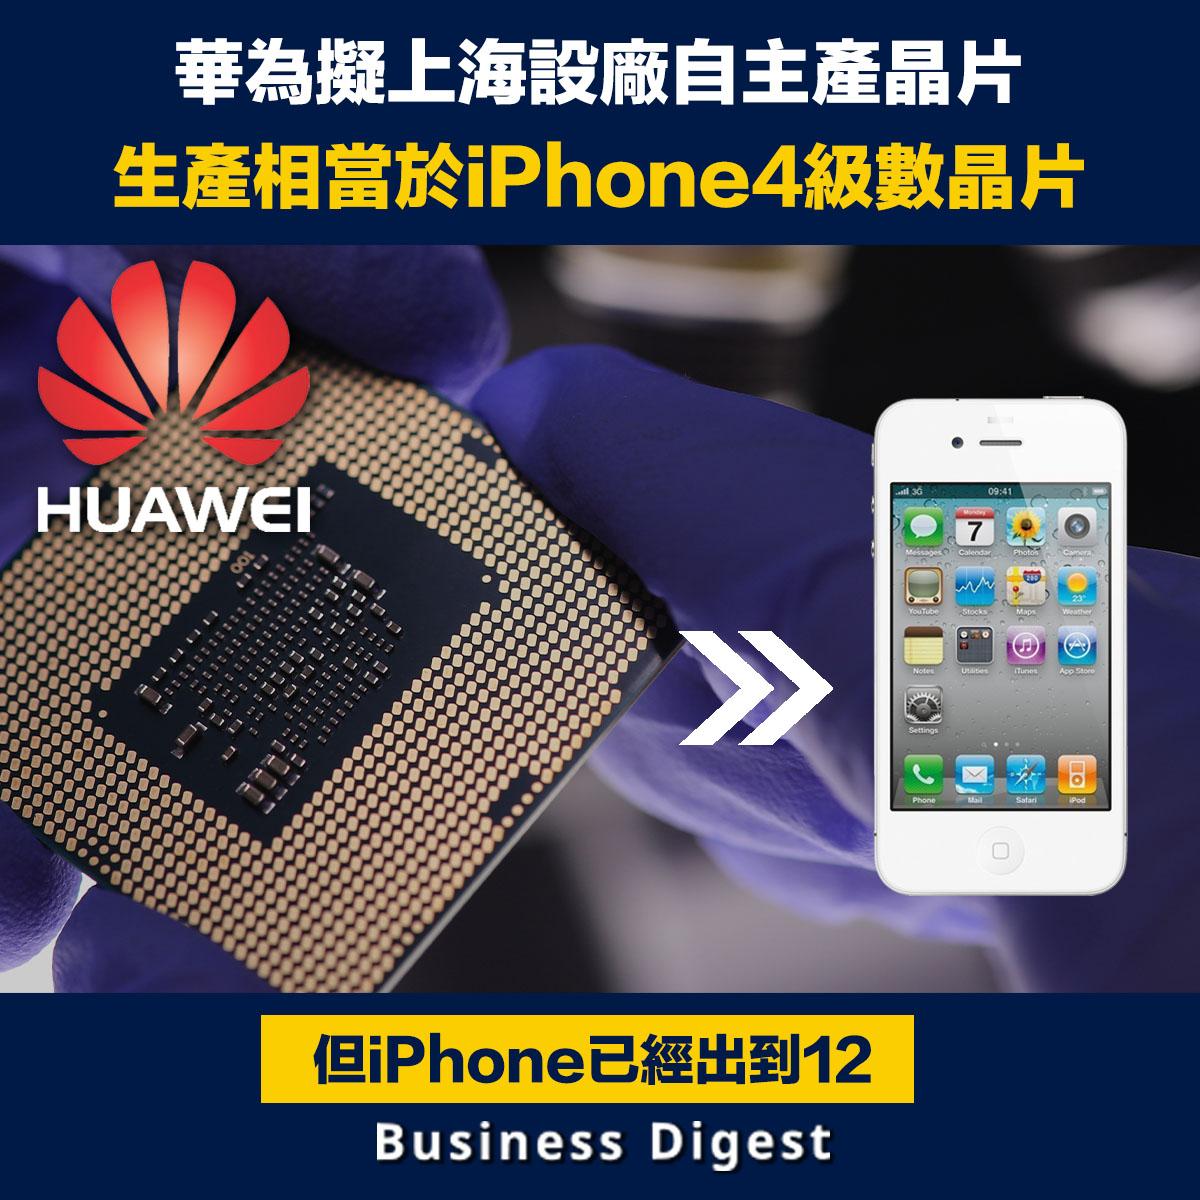 中國電訊設備商華為計劃在上海設立晶片工廠